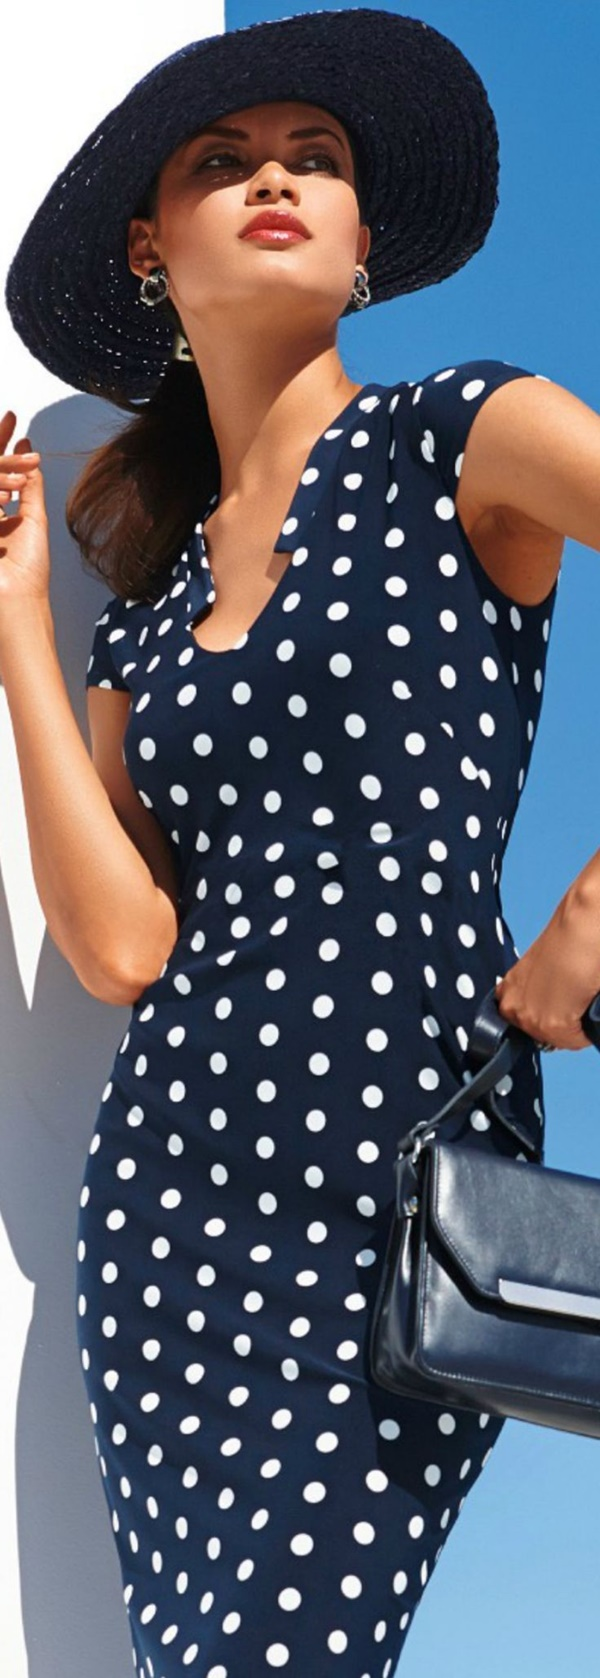 polka dots outfits (1)